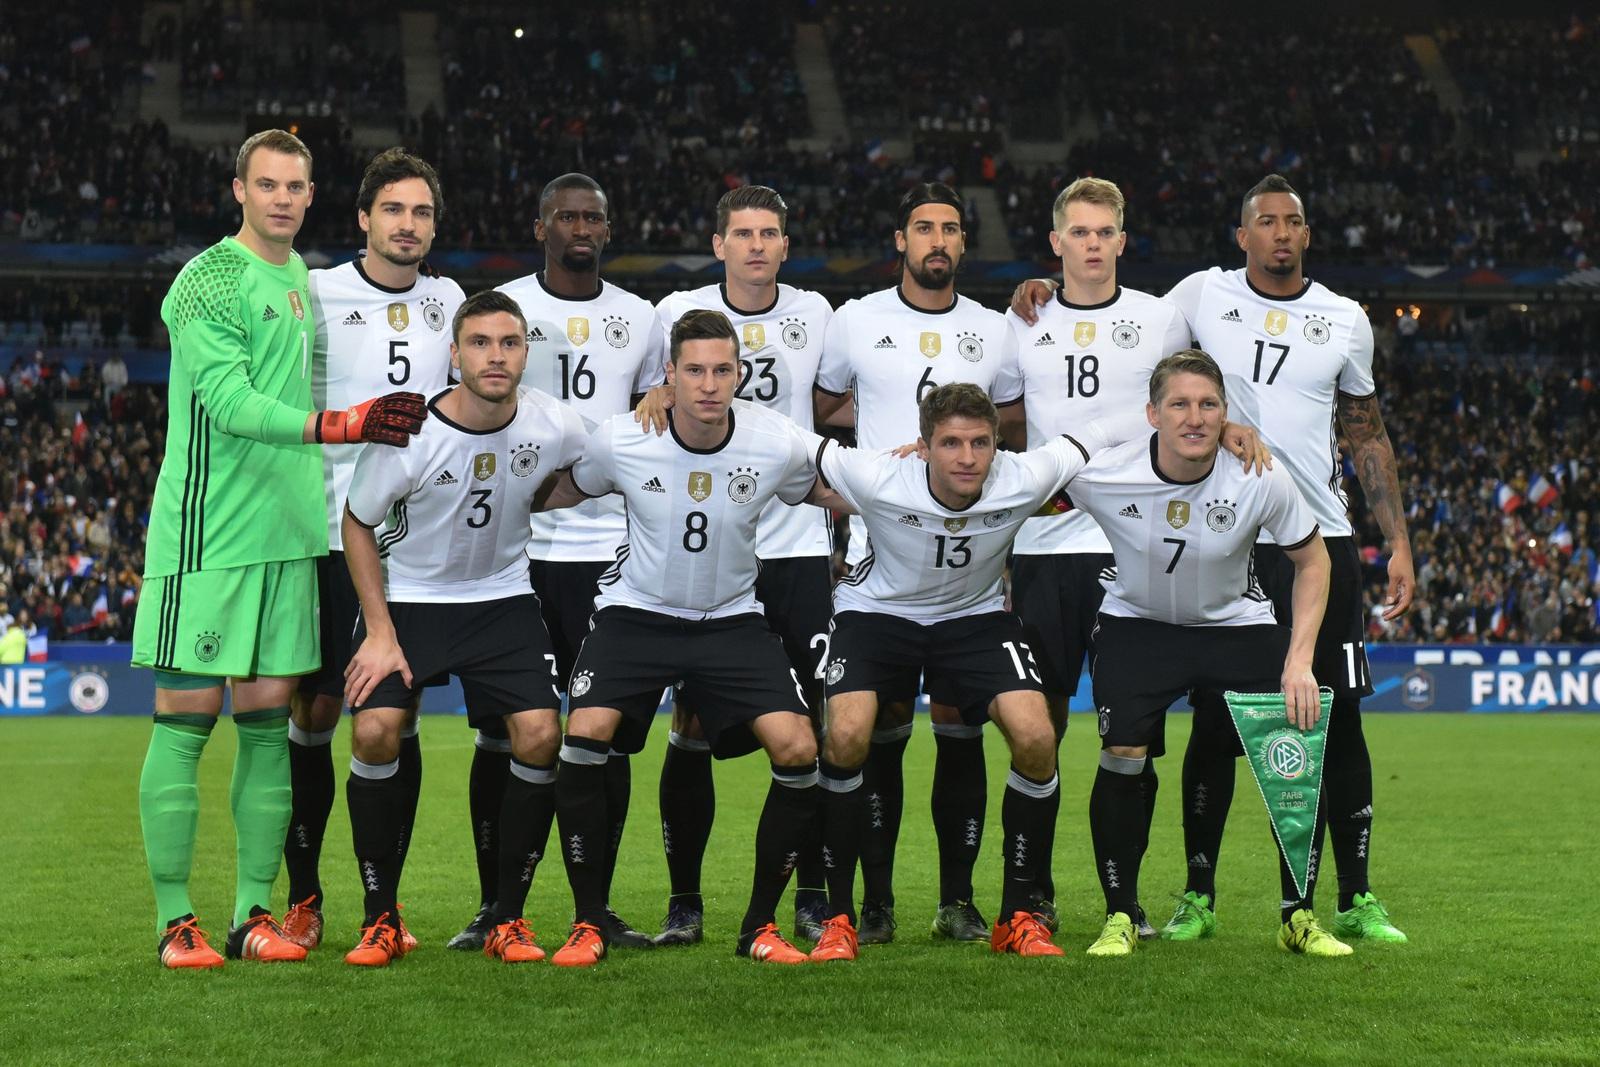 deutschland gruppe wm 2017